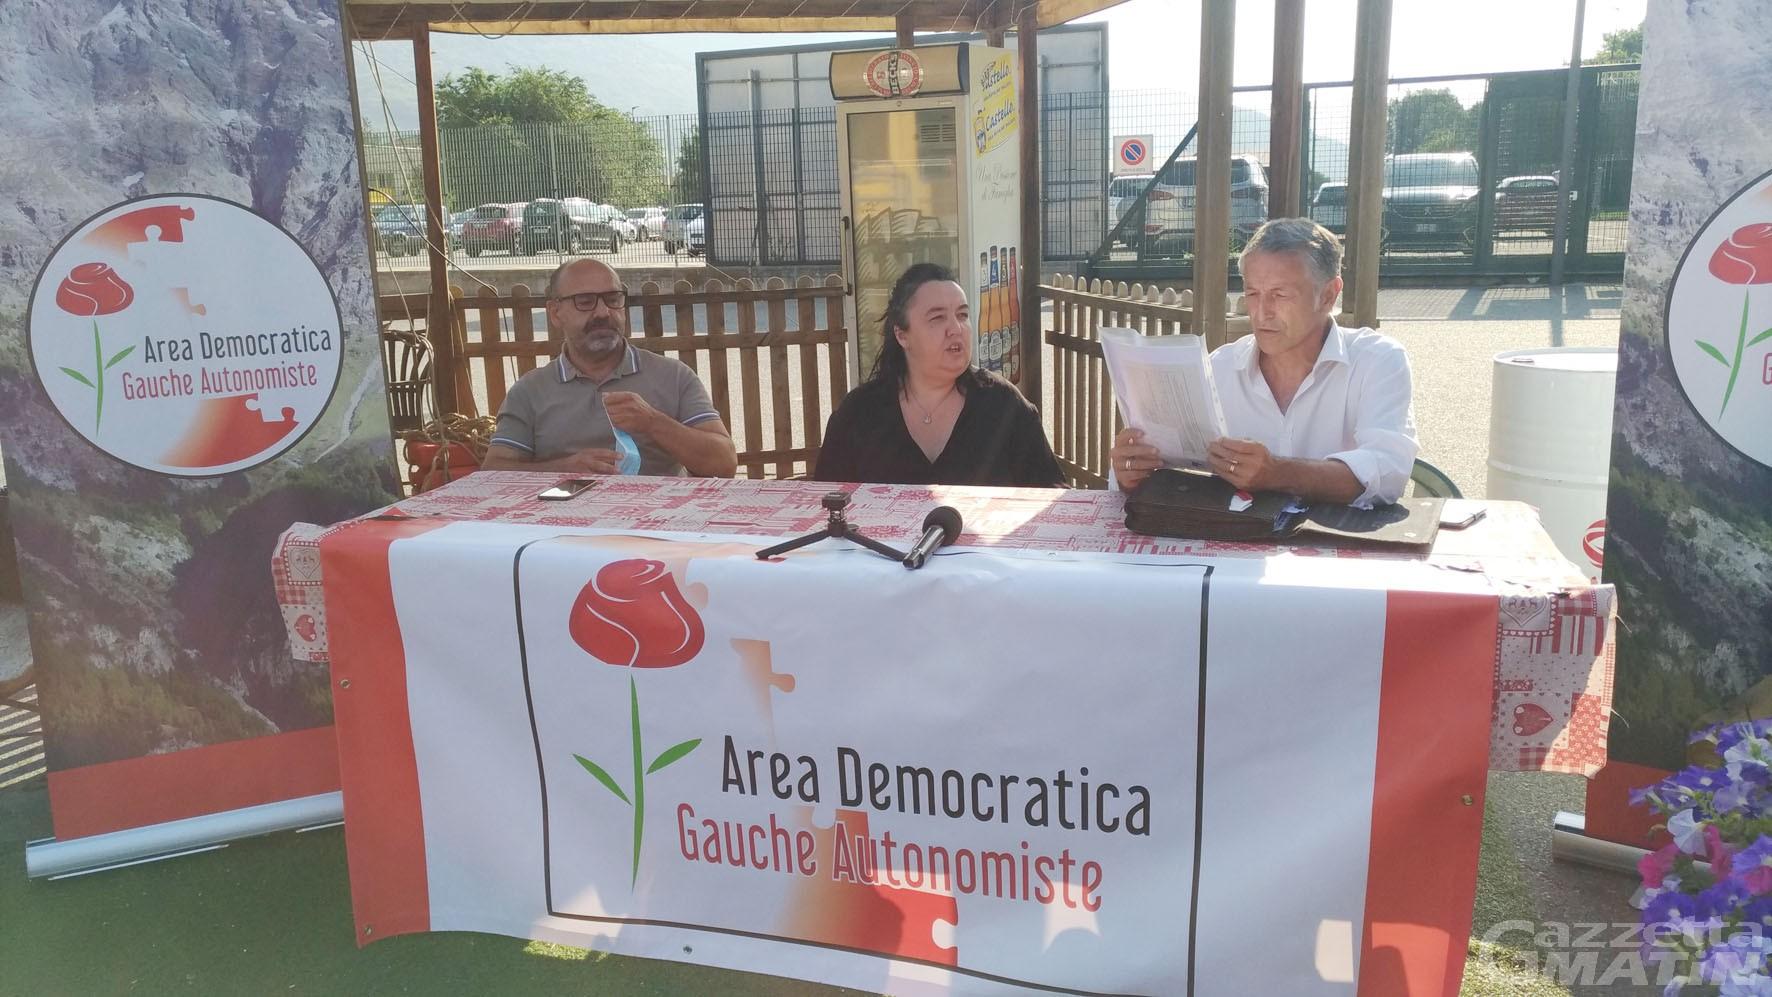 Area democratica (Pd), Donzel: «Pcp è cosa seria non un'avventura temporanea»